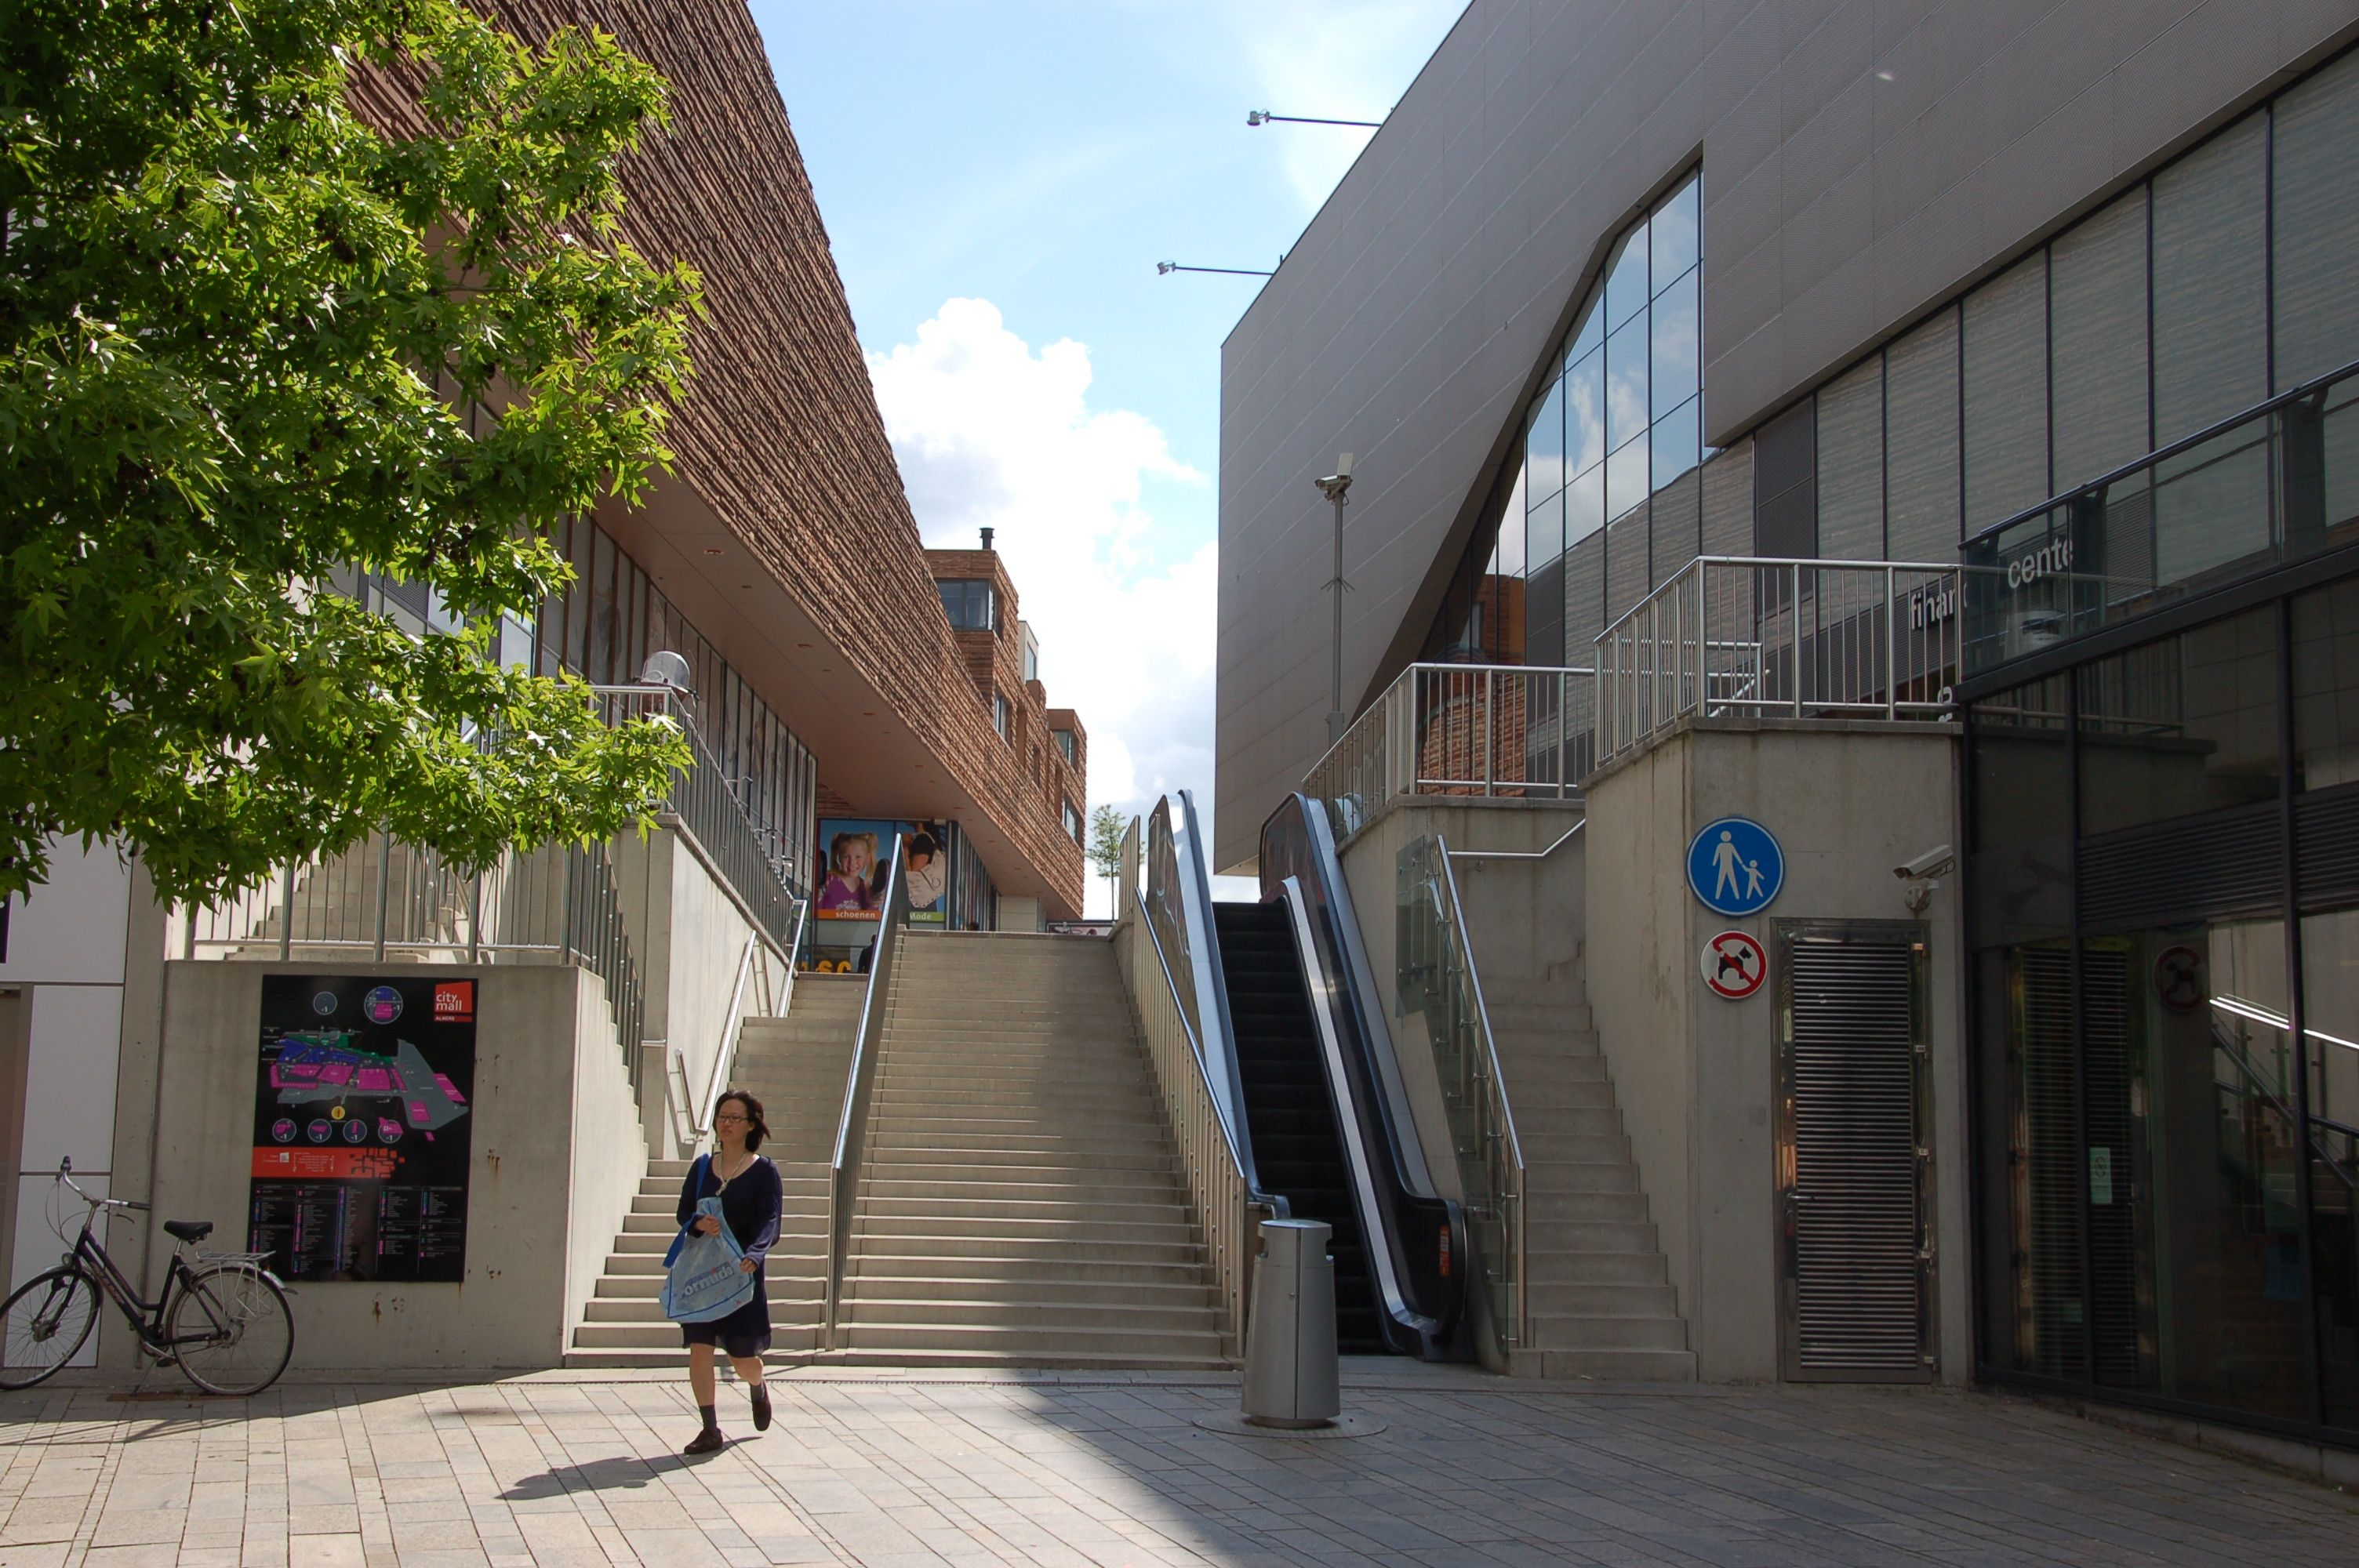 Treppen für jeden Geschmack (Bild: Ralf Johnen)